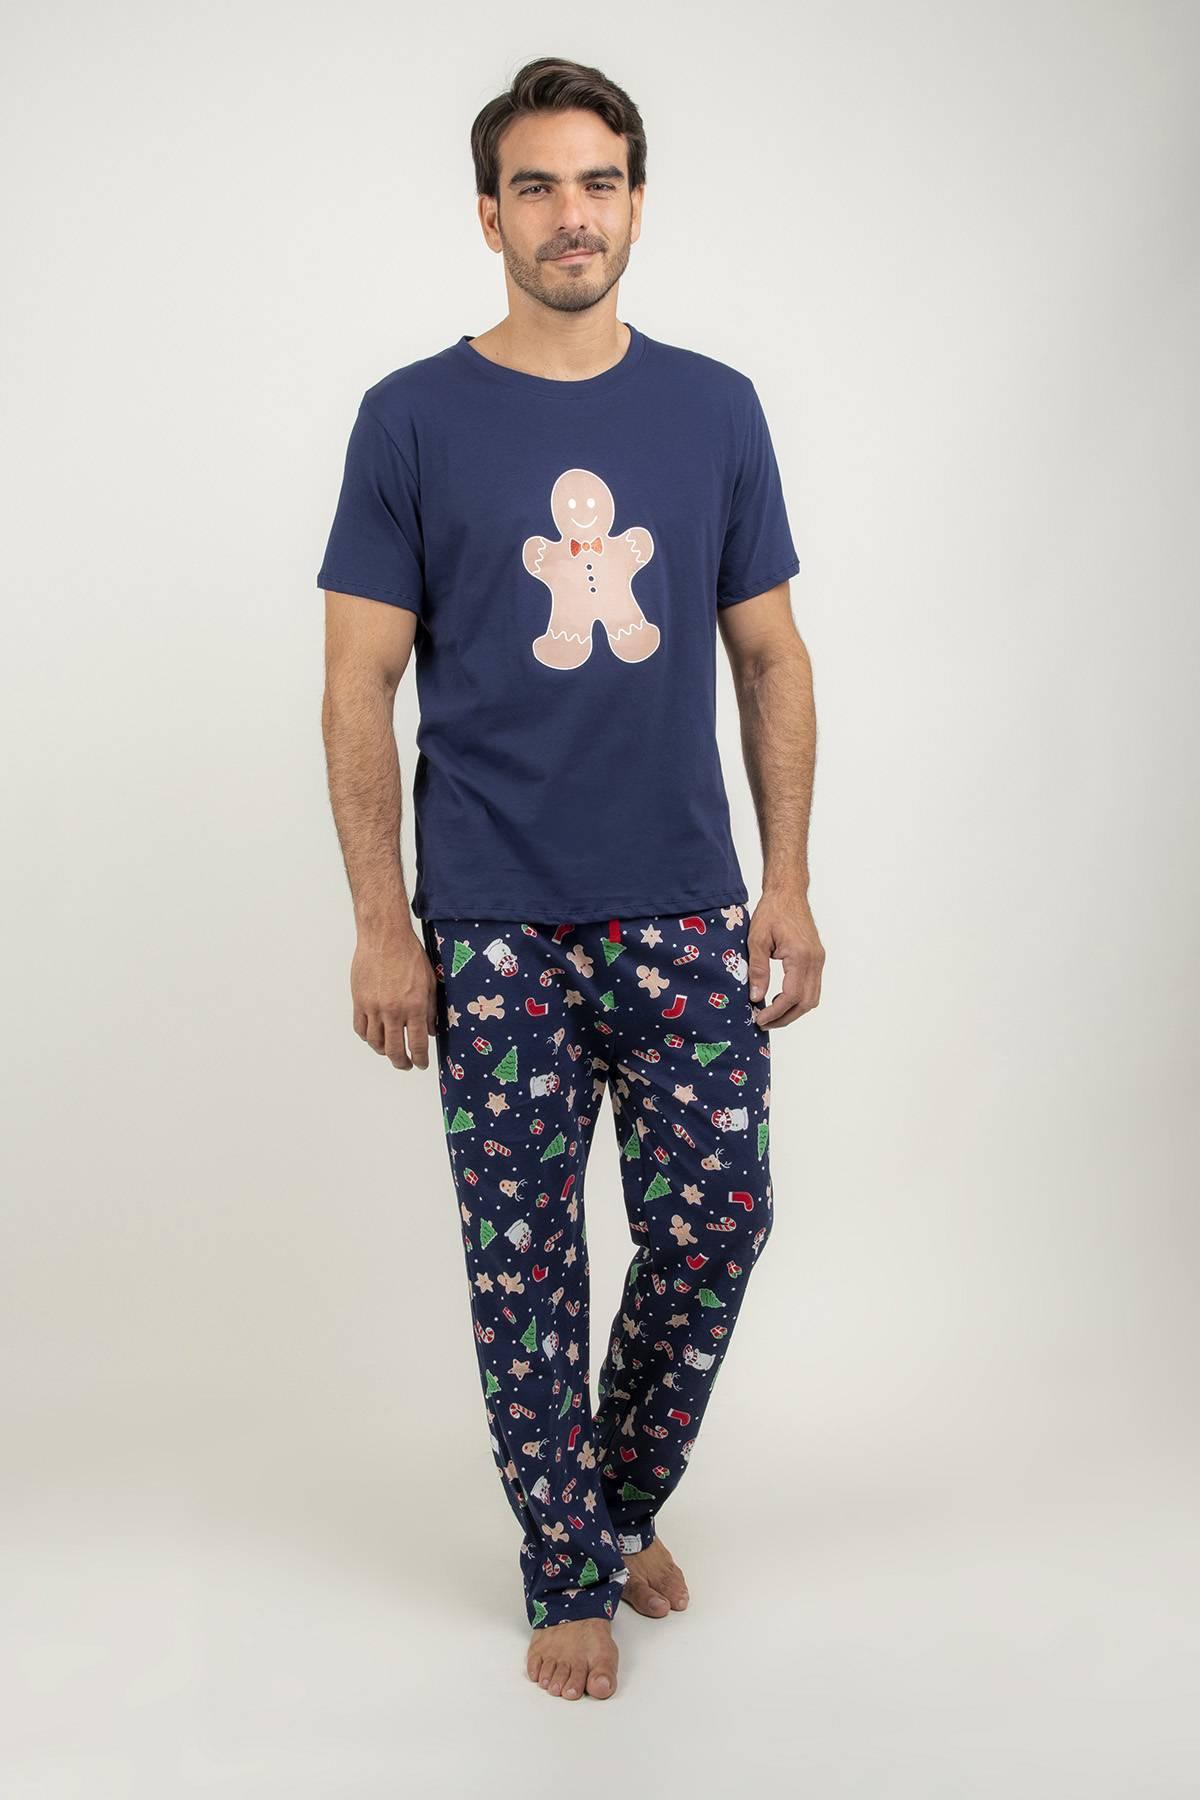 Pijama Navideña Galleta De Jengibre Stefano De Prati Tienda Online